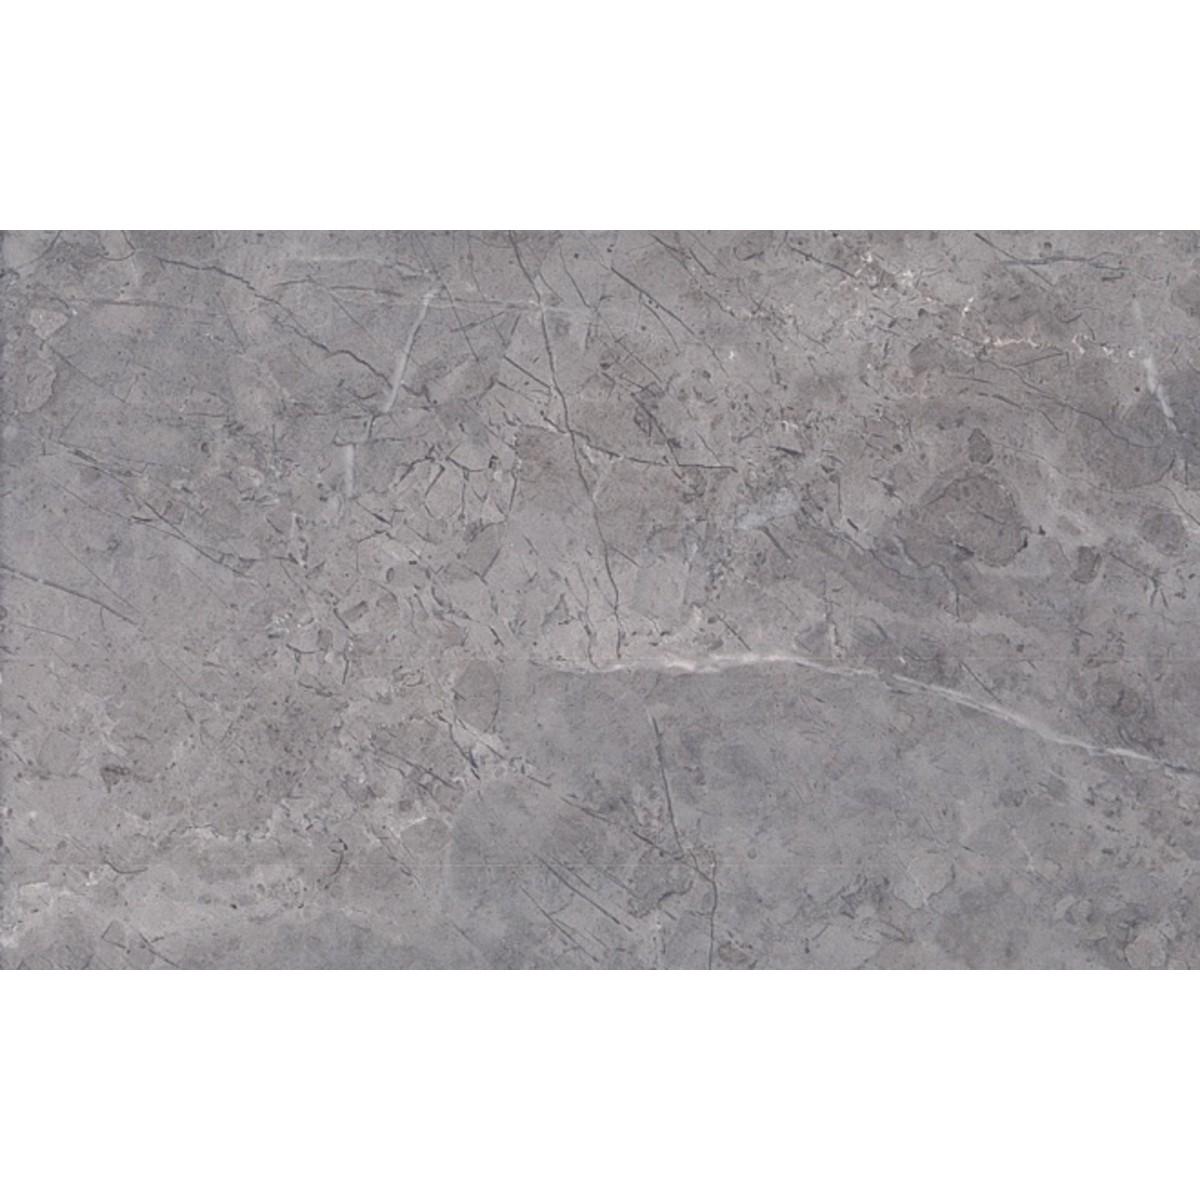 Плитка настенная Kerama Marazzi Мармион 25x40 см 1.1 м² цвет серый